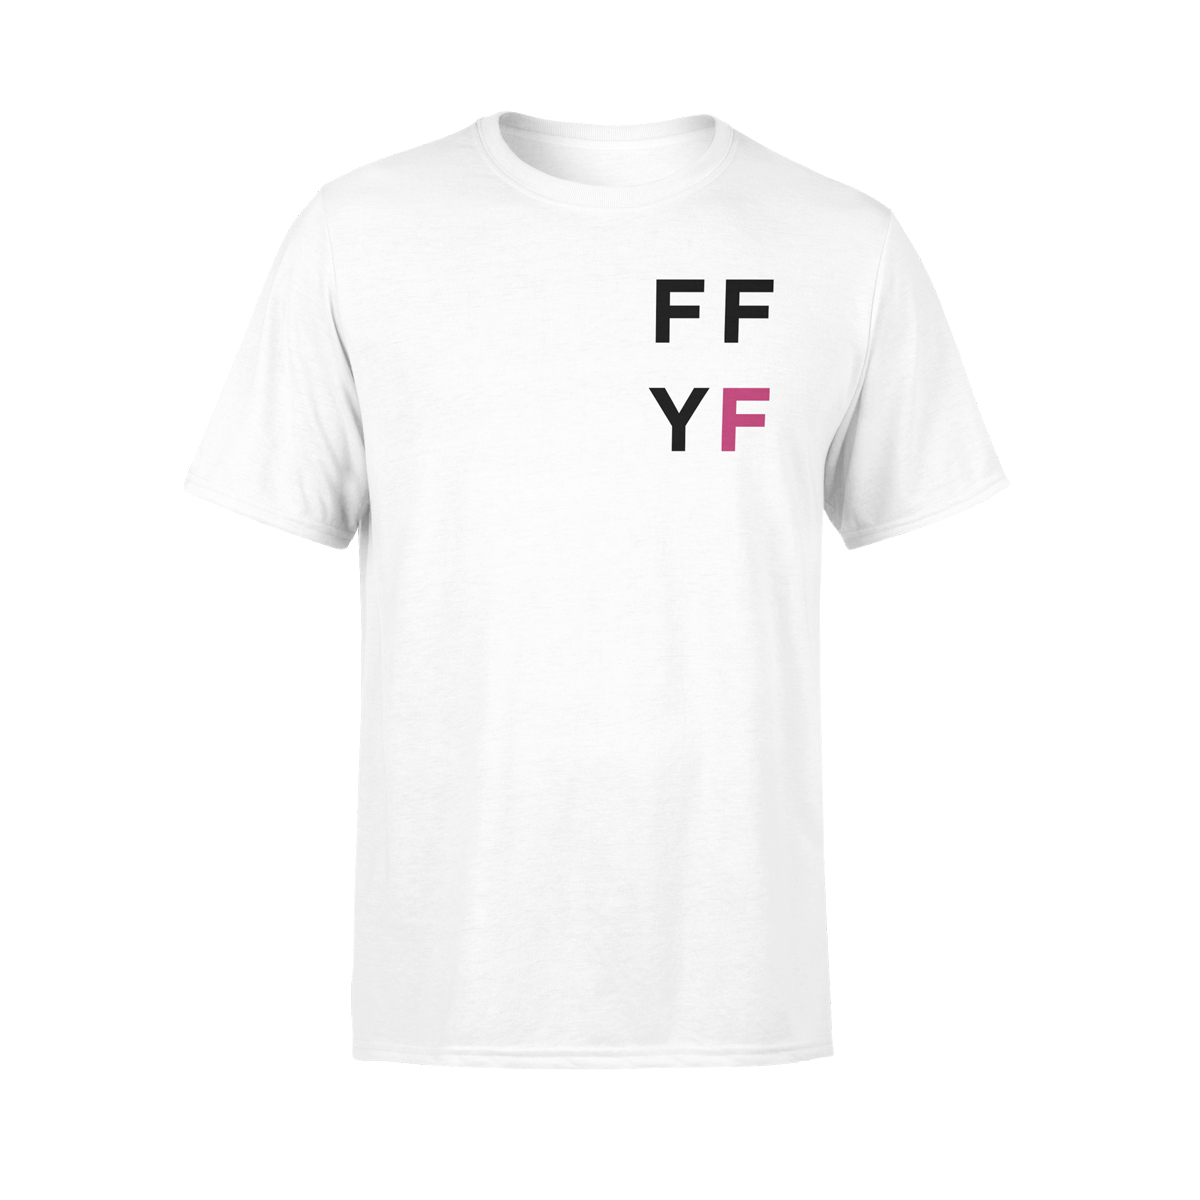 FFYF Unisex T-Shirt